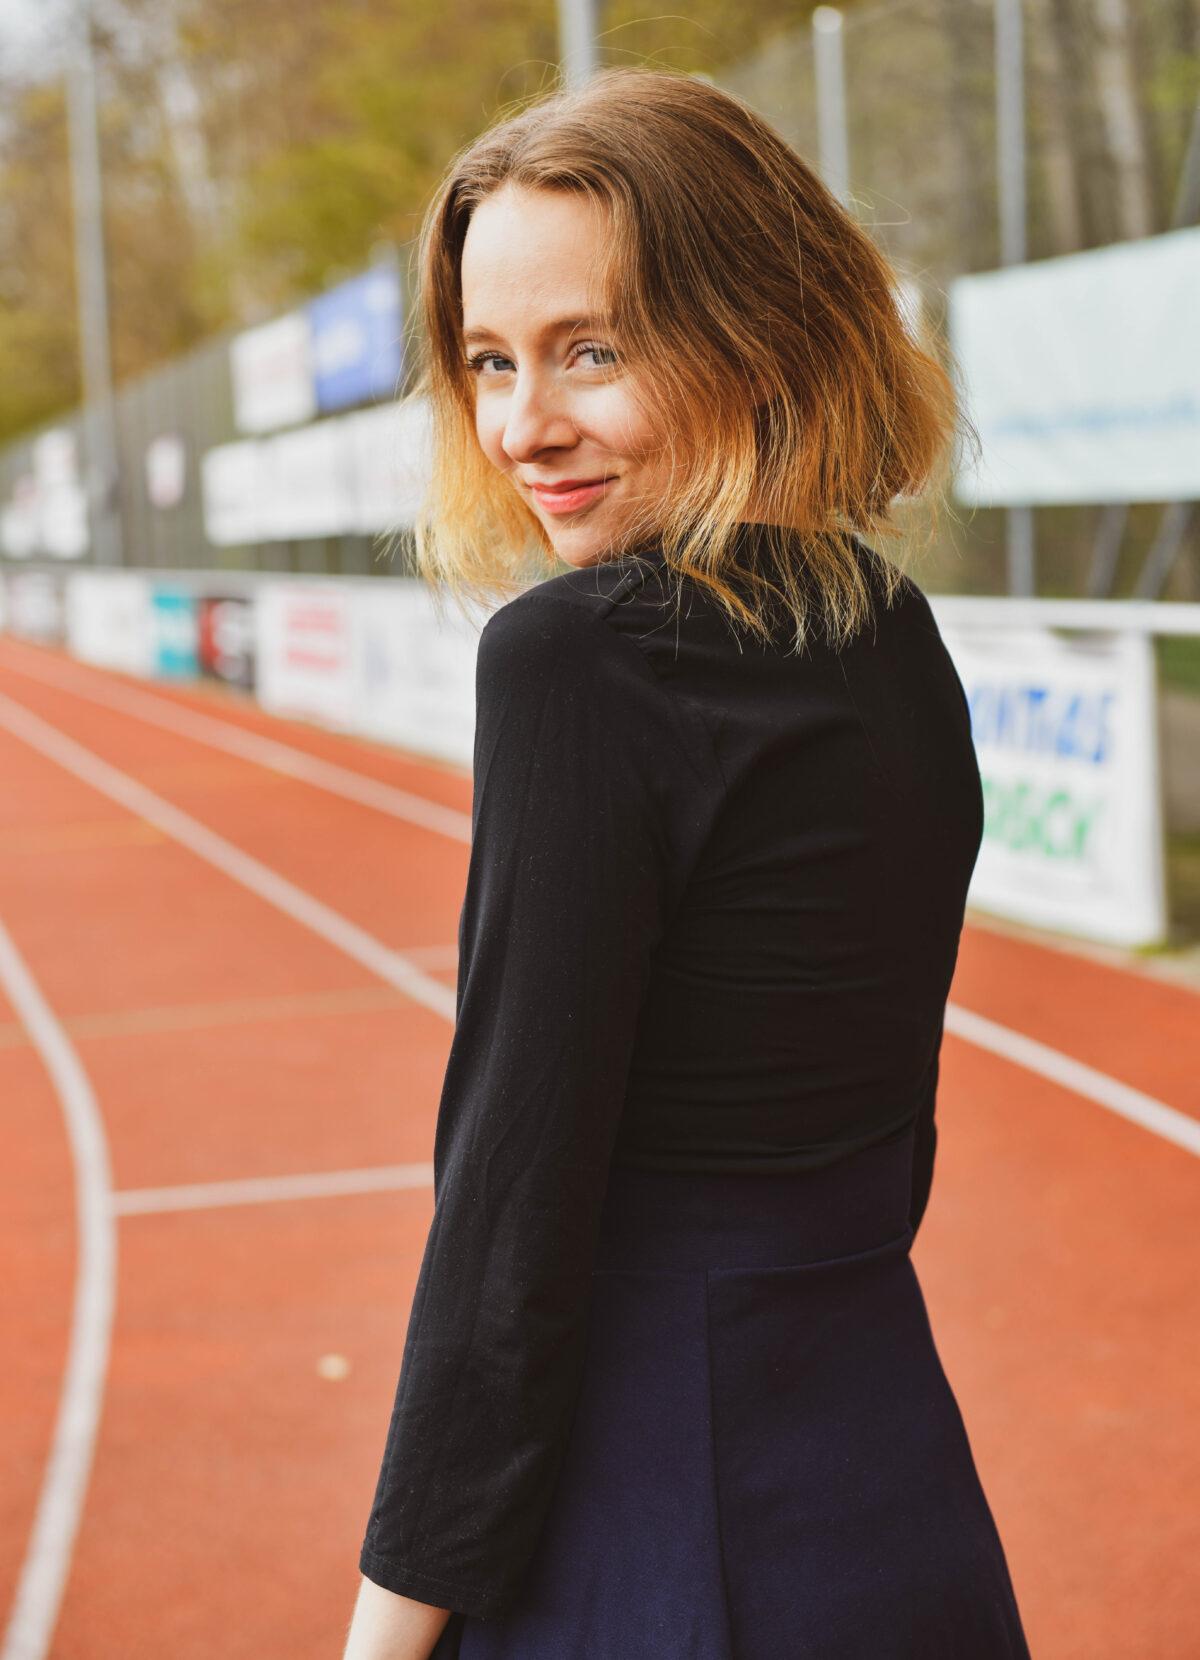 Lea Schlenker (Foto: Corinne Merz)